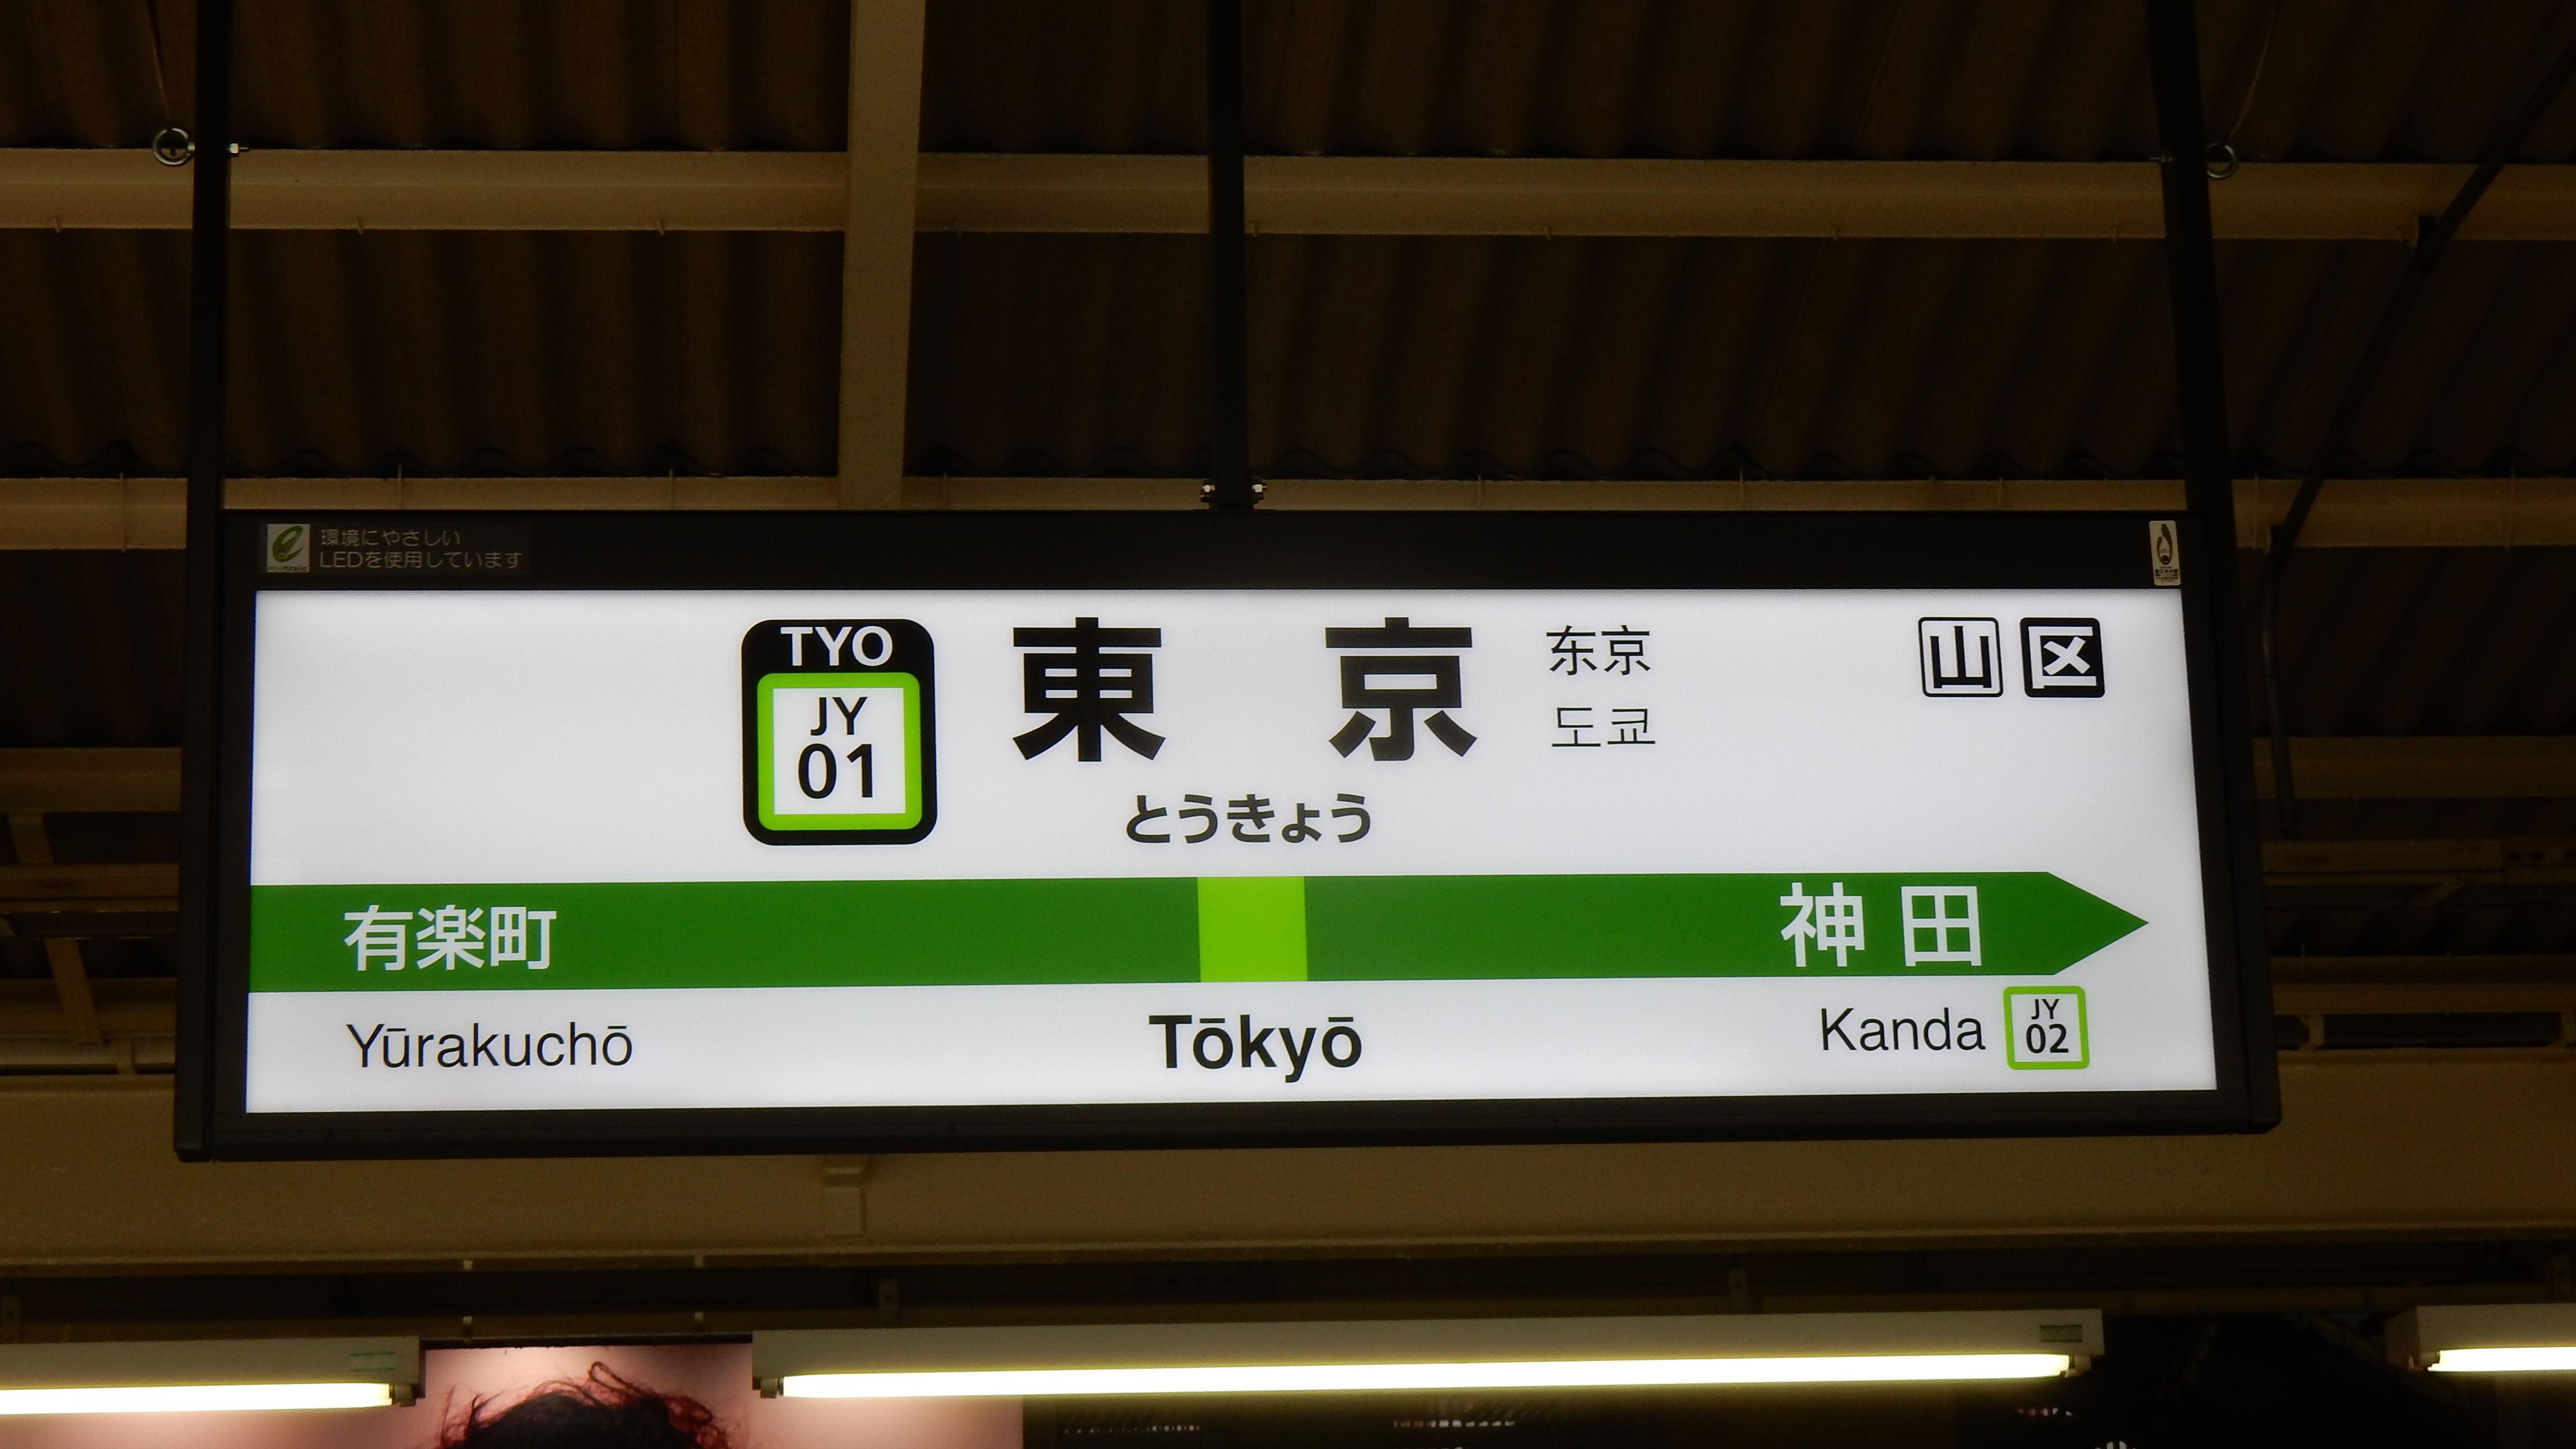 山手線全駅ナンバリング駅名票一覧 : 松の木の鉄日常を綴るのんびりBlog